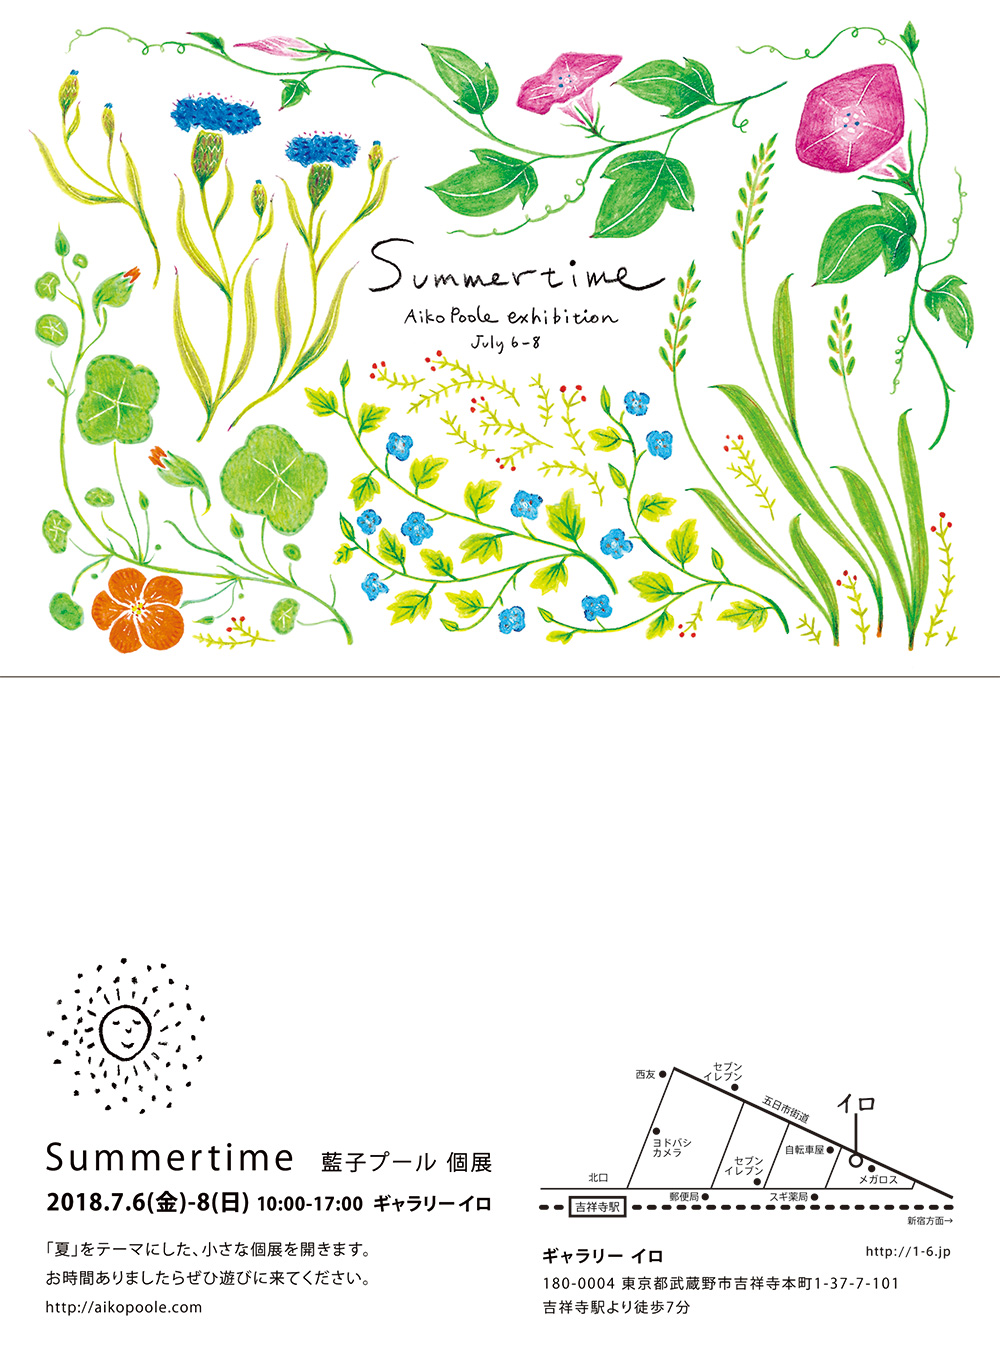 - 6-8 JulySummertime Gallery Iro (Kichijoji,Japan)7月6日-8日Summertimeギャラリーイロ(吉祥寺)